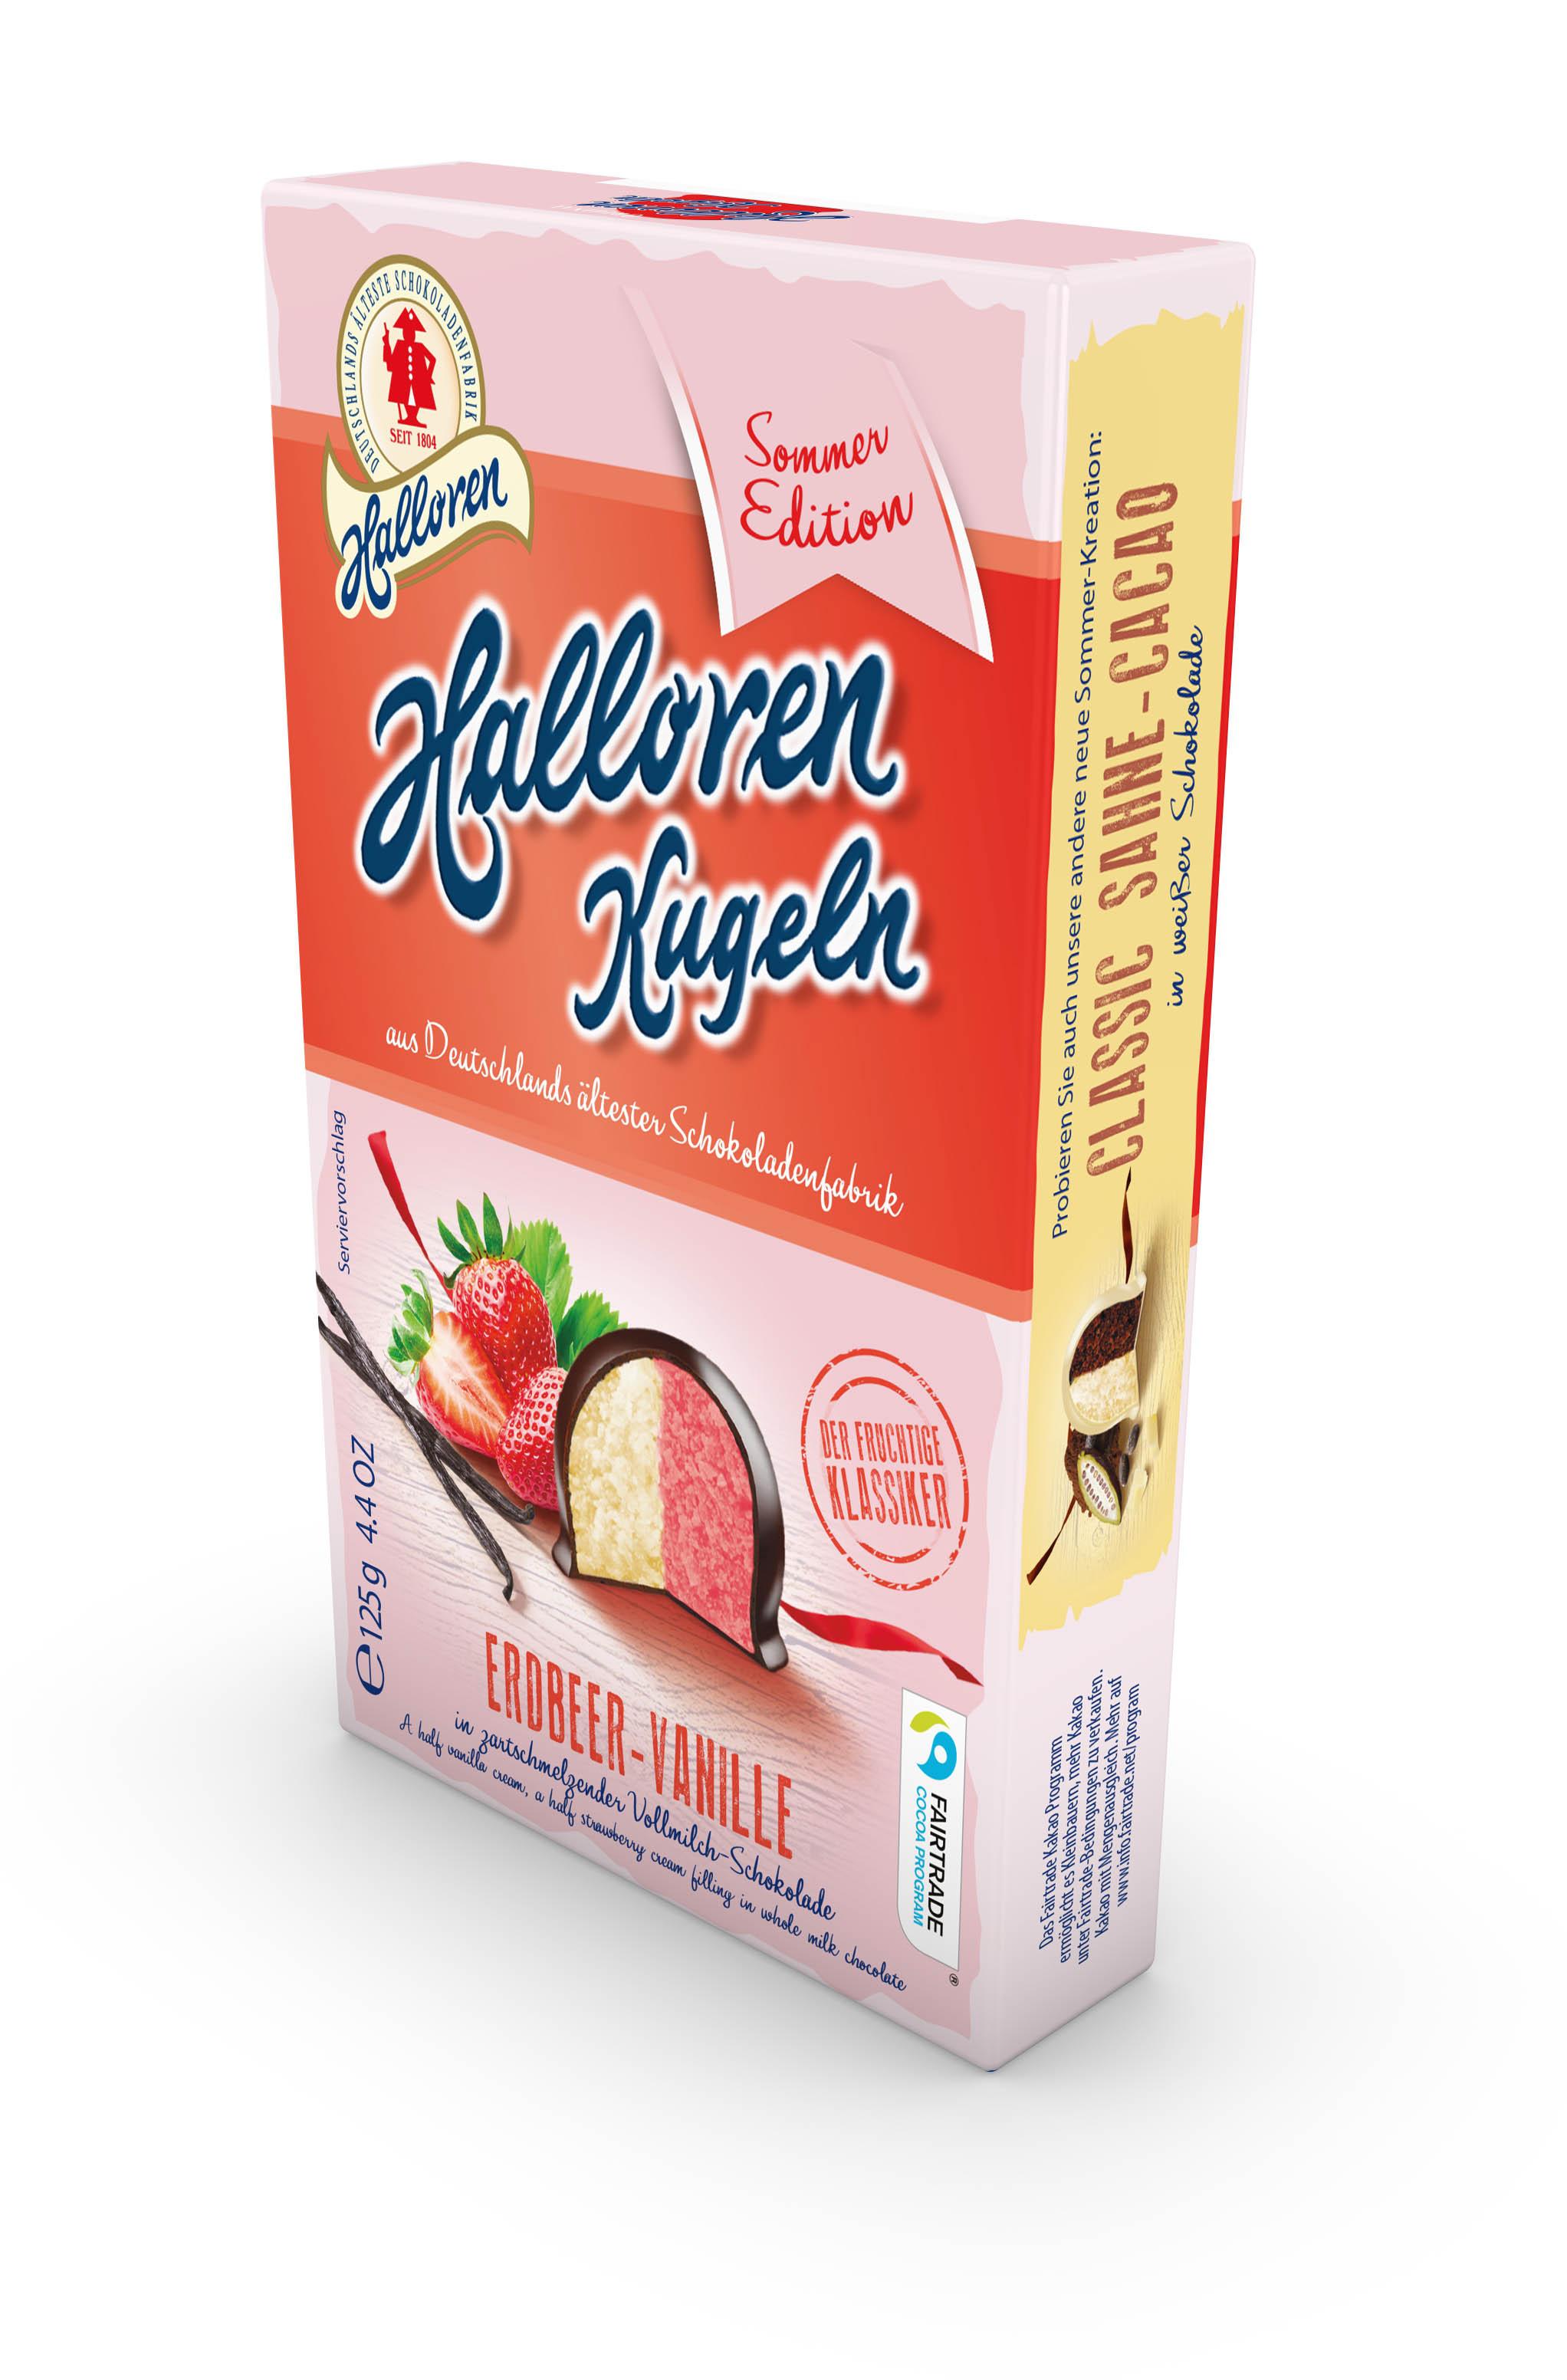 Original Halloren Kugeln Erdbeer-Vanille